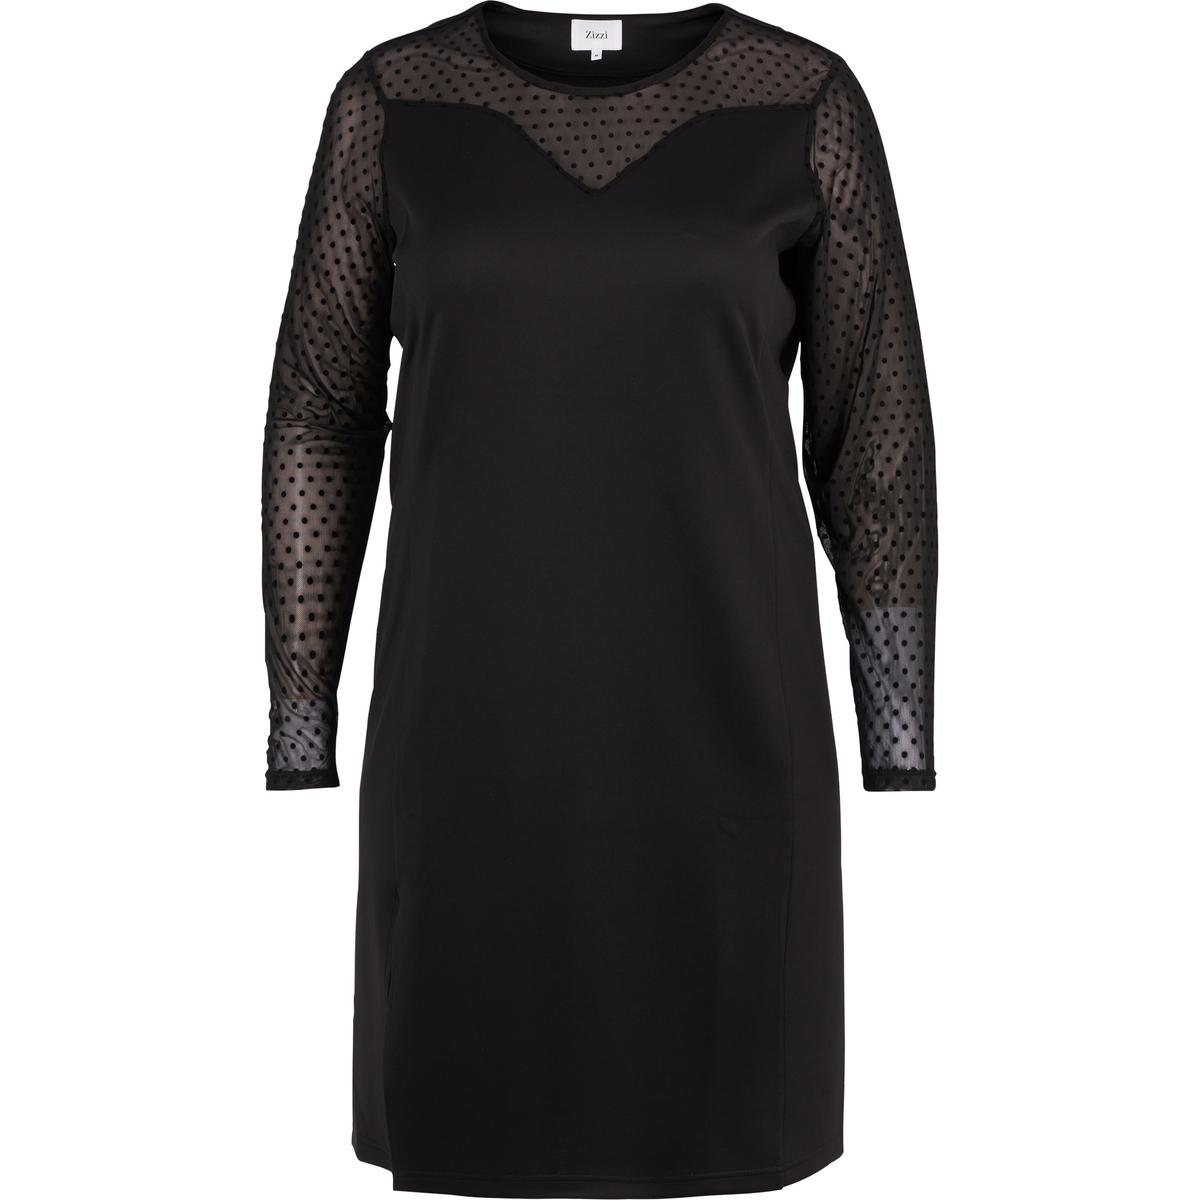 Платье прямое однотонное, средней длины, с длинными рукавамиДетали •  Форма : прямая •  Длина до колен •  Длинные рукава    •  Круглый вырезСостав и уход •  5% эластана, 95% полиэстера  •  Следуйте советам по уходу, указанным на этикеткеТовар из коллекции больших размеров<br><br>Цвет: черный<br>Размер: 54/56 (FR) - 60/62 (RUS).42/44 (FR) - 48/50 (RUS).50/52 (FR) - 56/58 (RUS).46/48 (FR) - 52/54 (RUS)